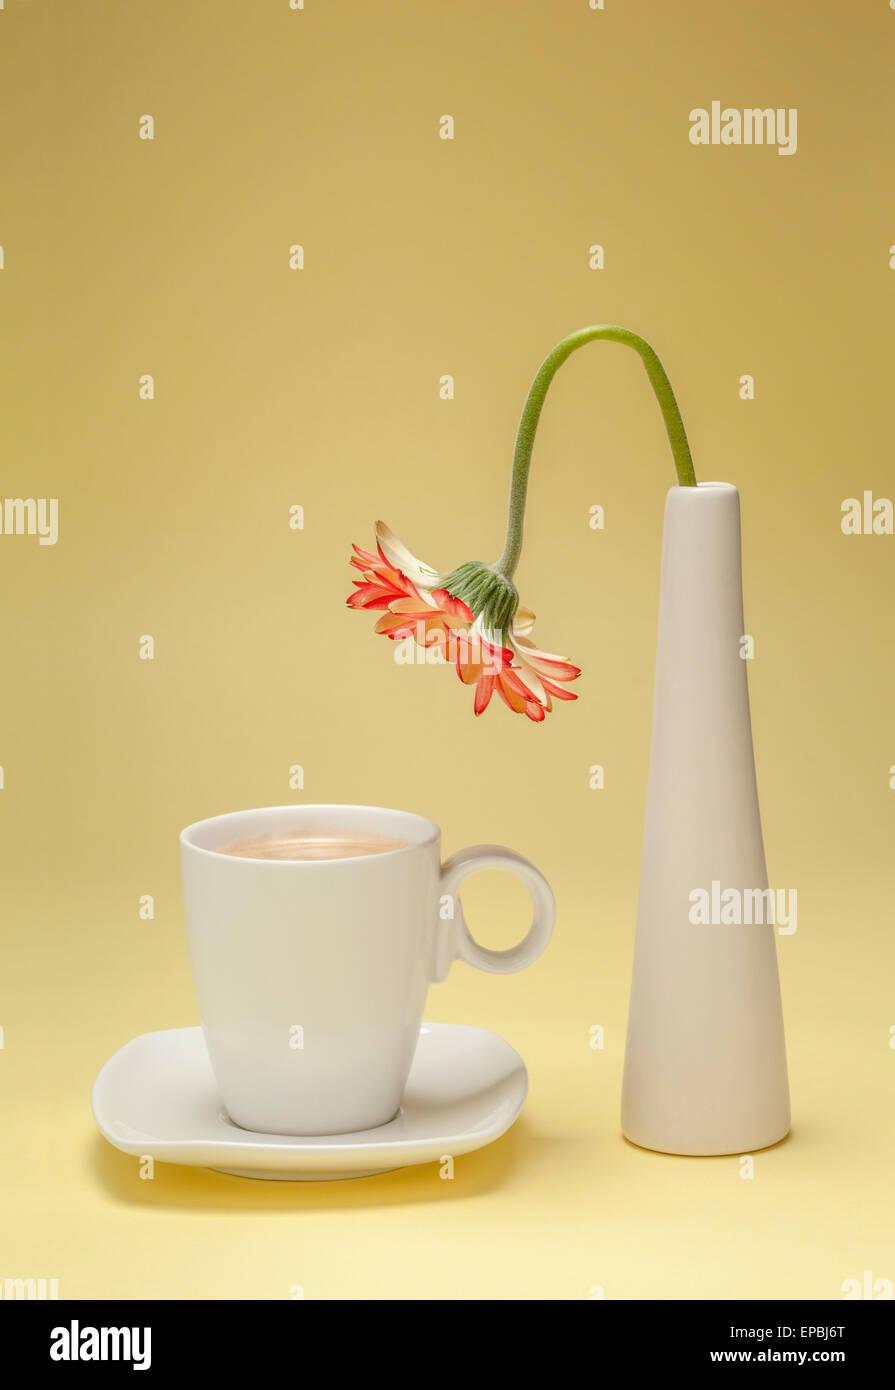 Durstige Blume beugte sich über eine Tasse Kaffee Stockbild